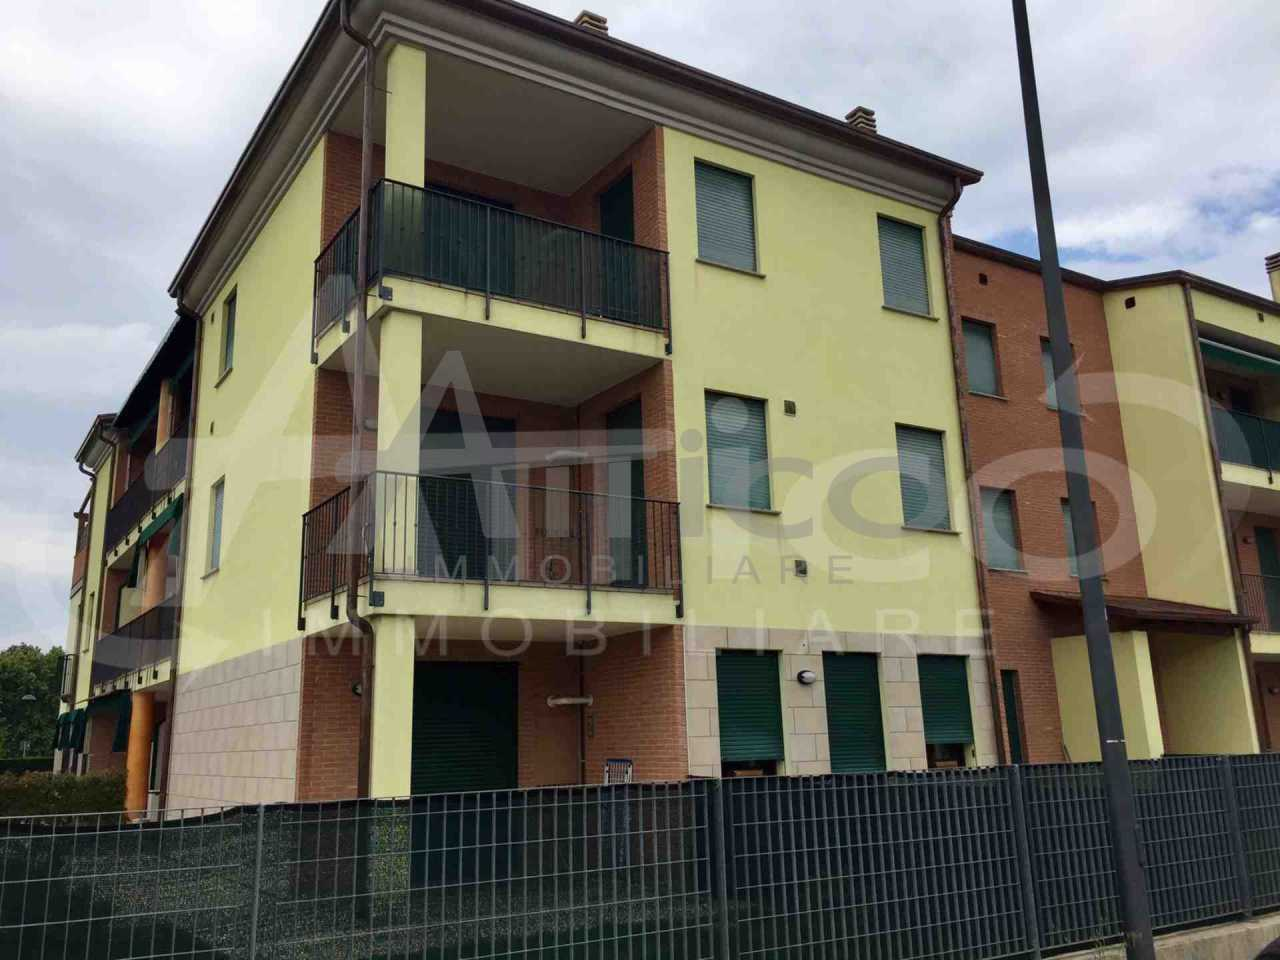 Appartamento - Bilocale a S. Bortolo, Rovigo